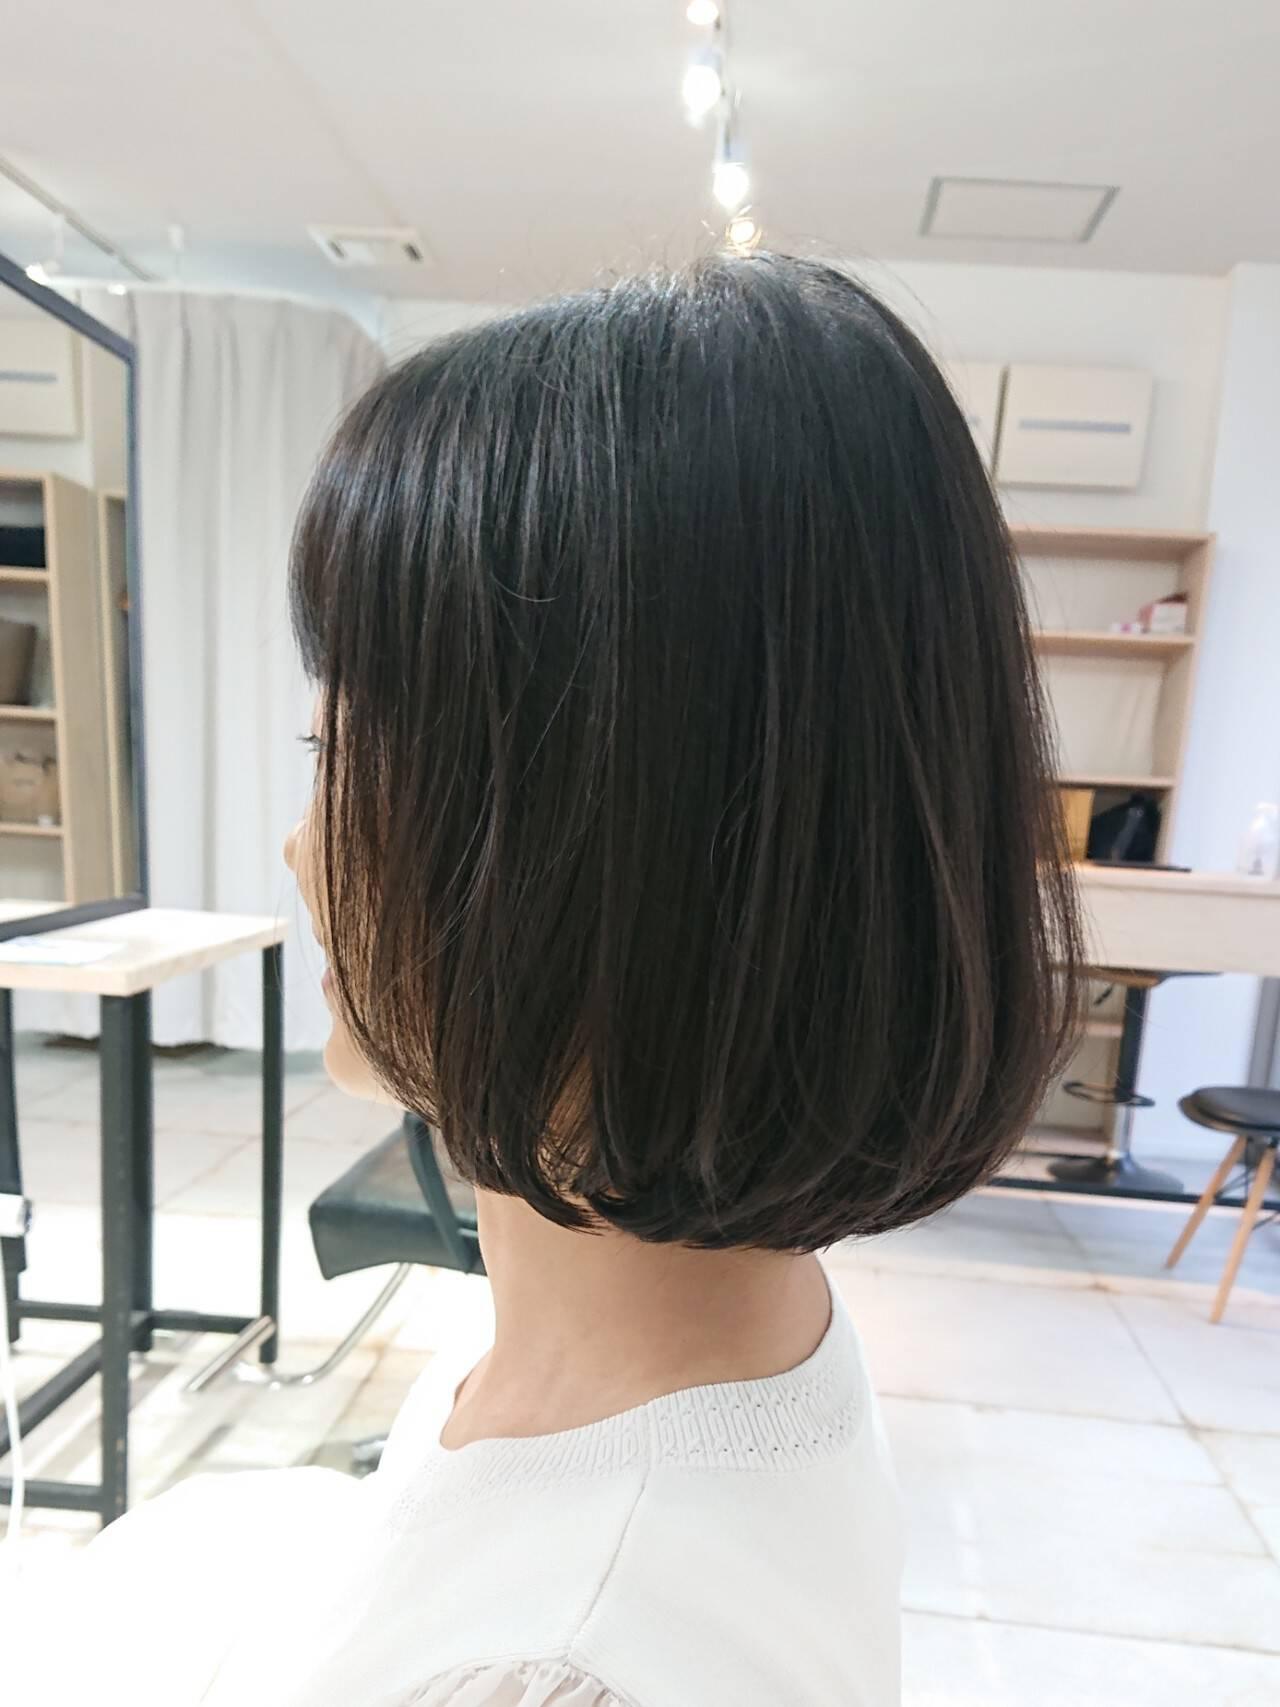 ナチュラル 透明感 ボブ 美シルエットヘアスタイルや髪型の写真・画像